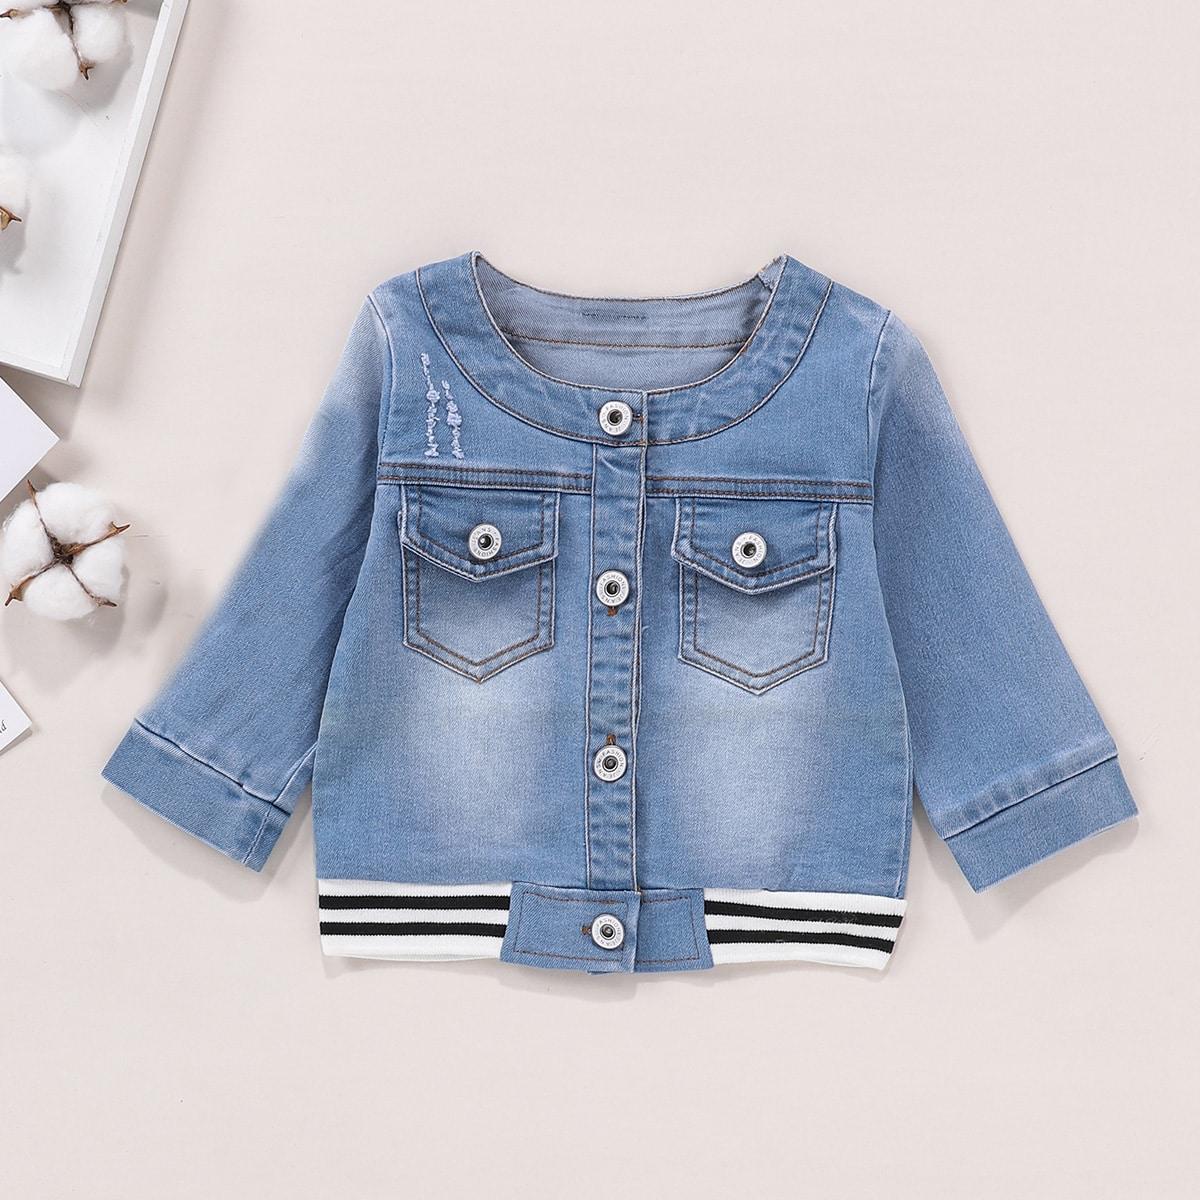 Полосатая джинсовая куртка с необработанными краями для девочек